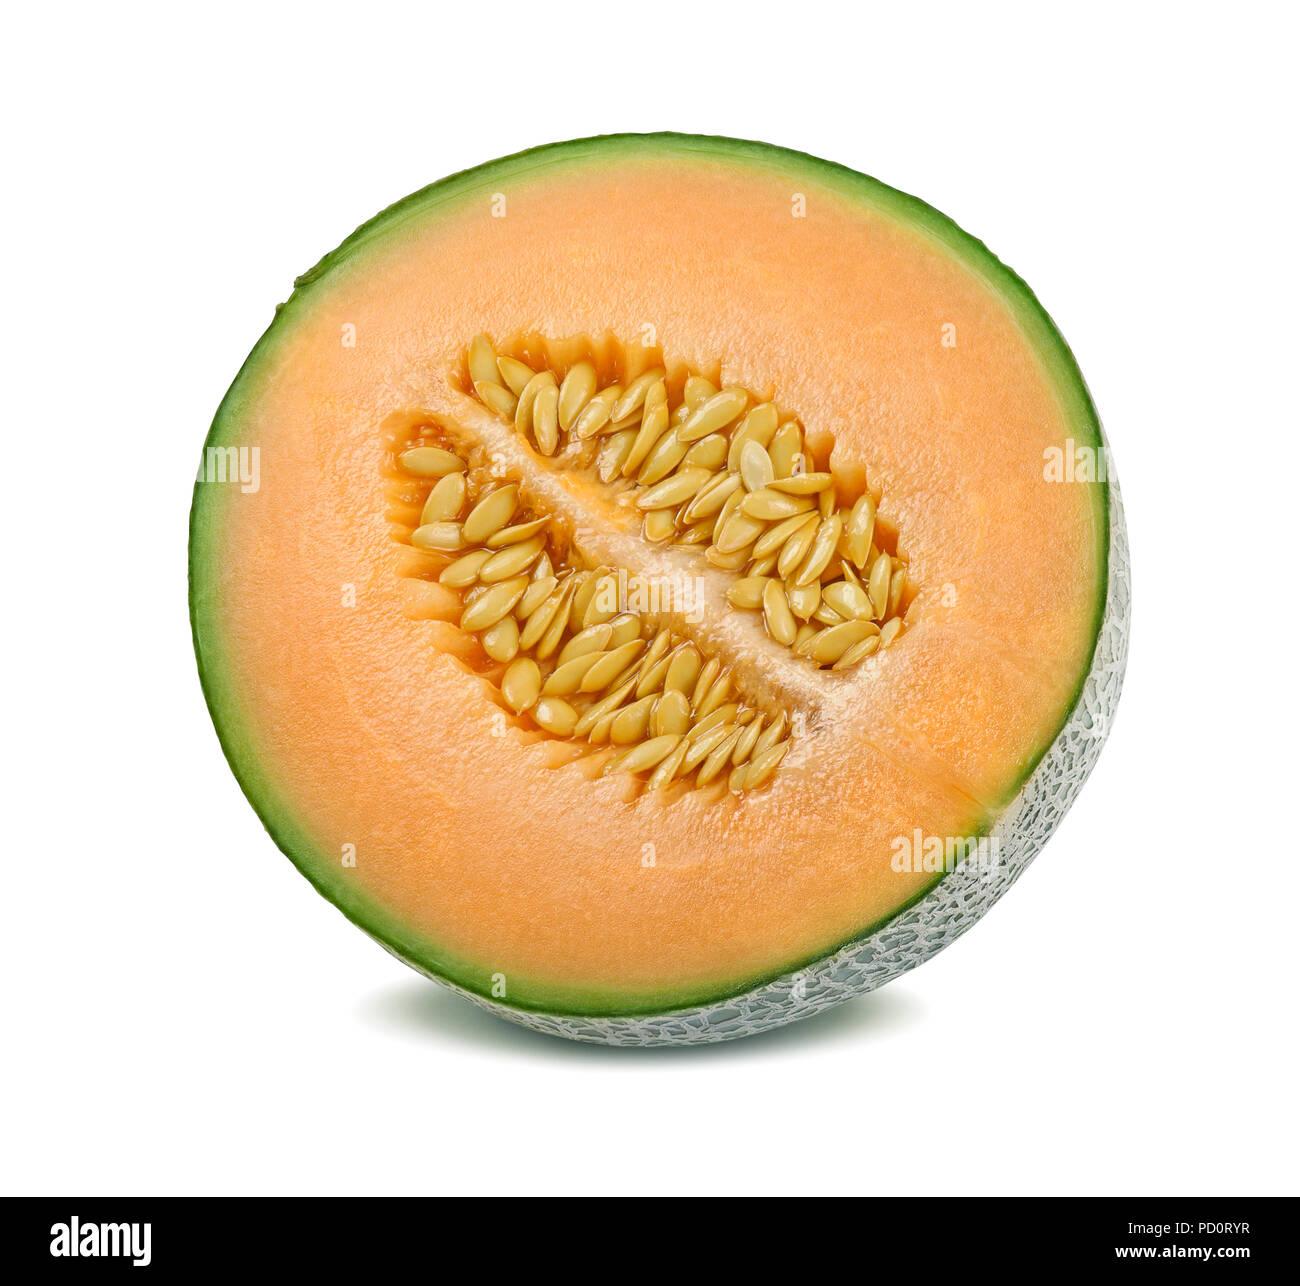 Il melone Cantalupo diviso a metà isolato su sfondo bianco Immagini Stock